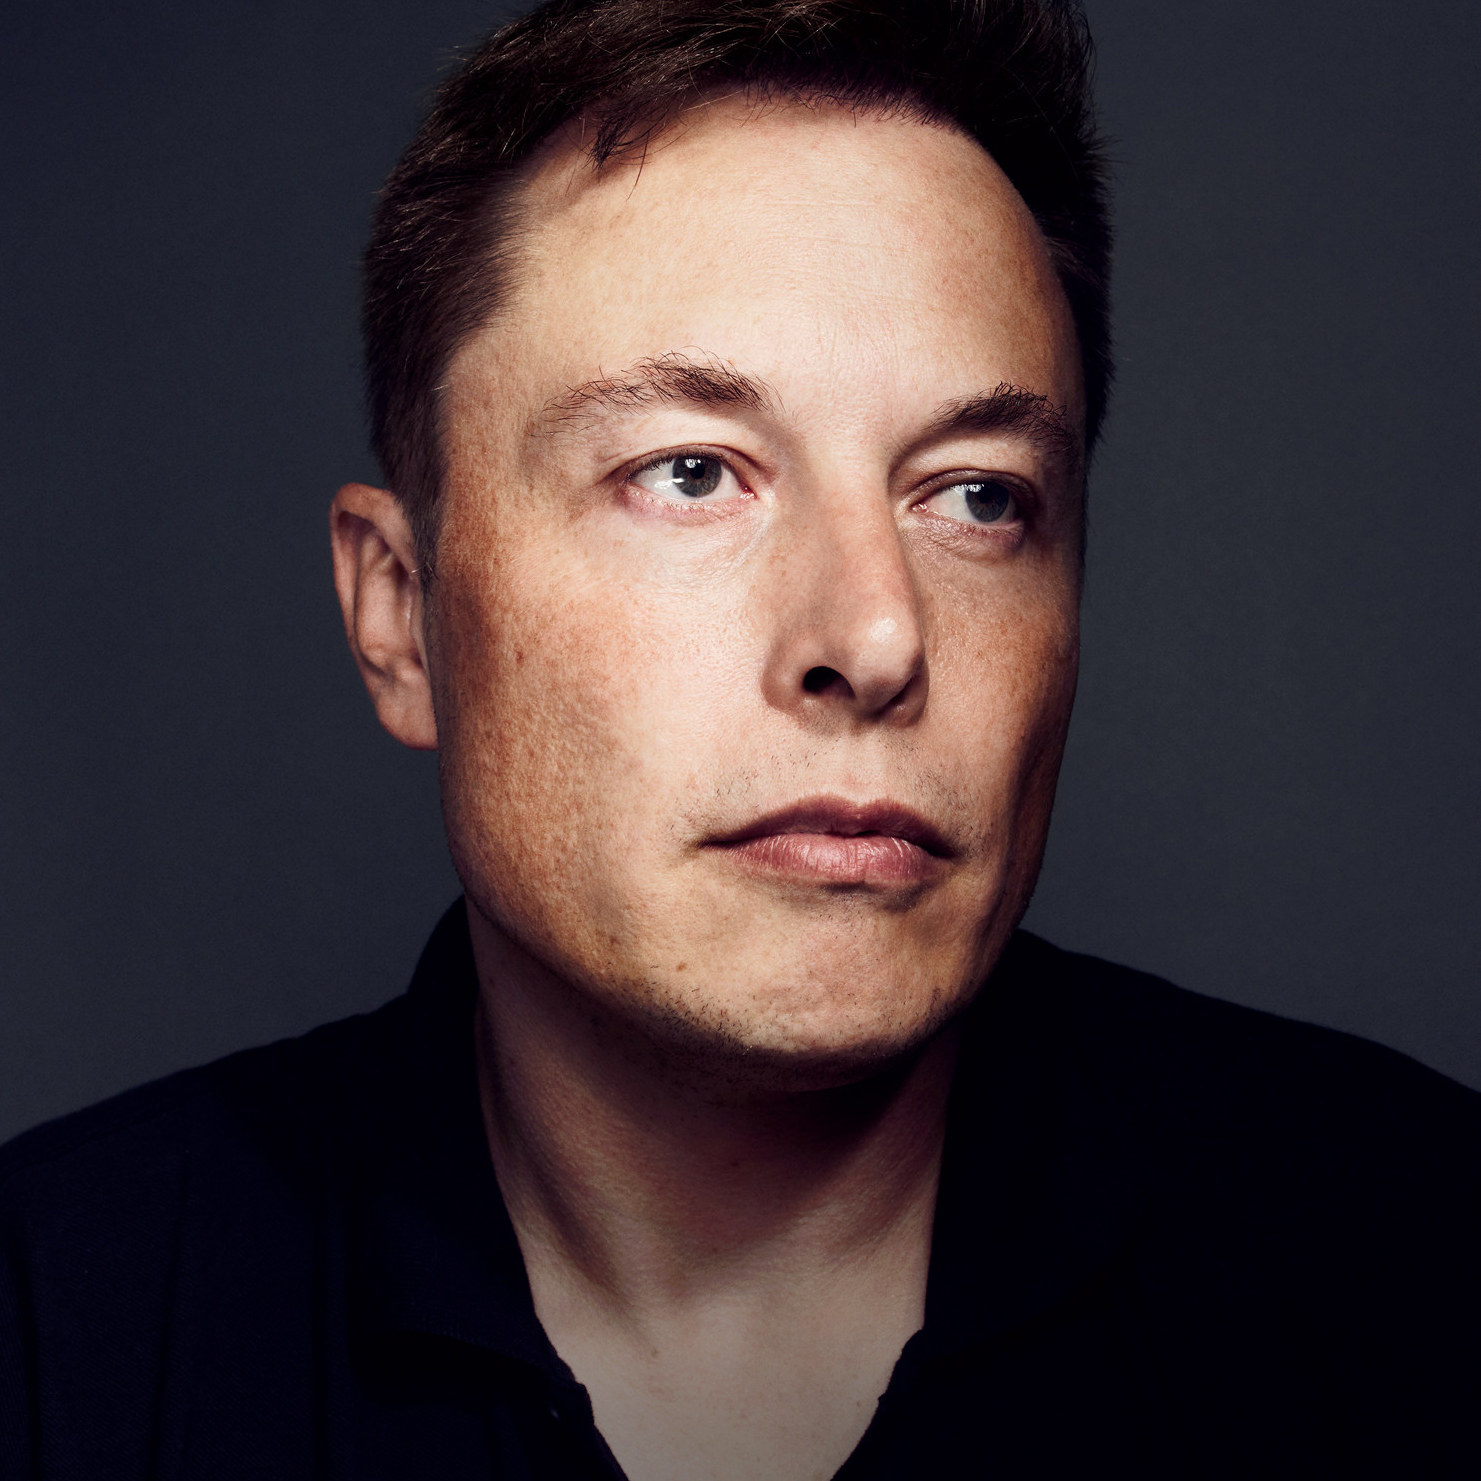 Peter Thiel Y qué puede hacer este coche Elon Musk Mira esto! Pisó el acelerador a fondo y en ausencia de control de tracción inició un trompo que lo